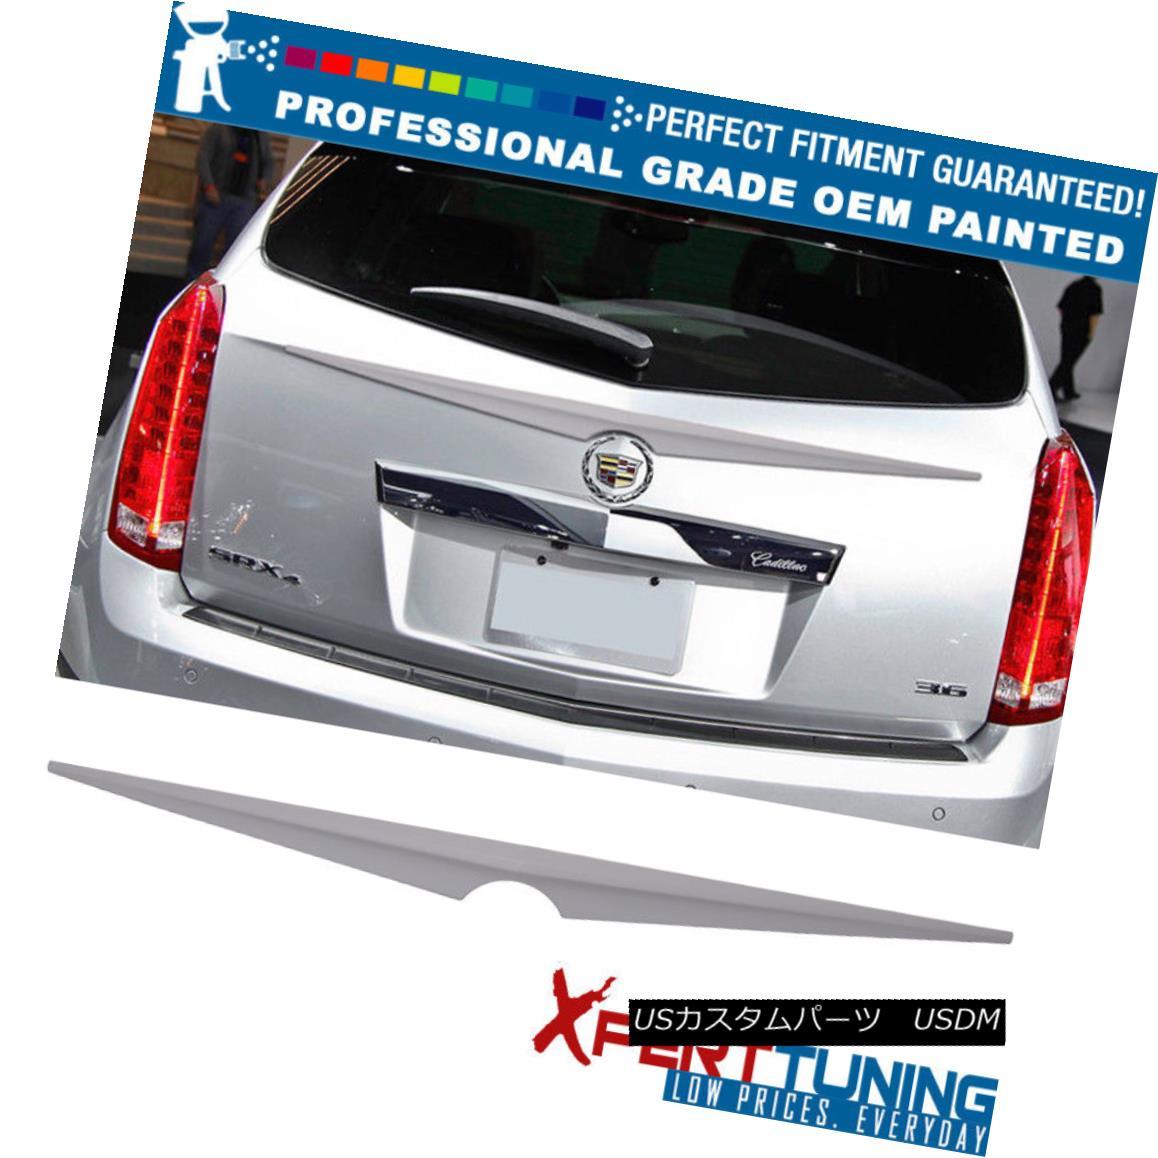 エアロパーツ Fits 10-16 Cadillac SRX SUV Painted ABS Trunk Spoiler - OEM Painted Color フィット10-16キャデラックSRX SUV塗装ABSトランクスポイラー - OEM塗装色